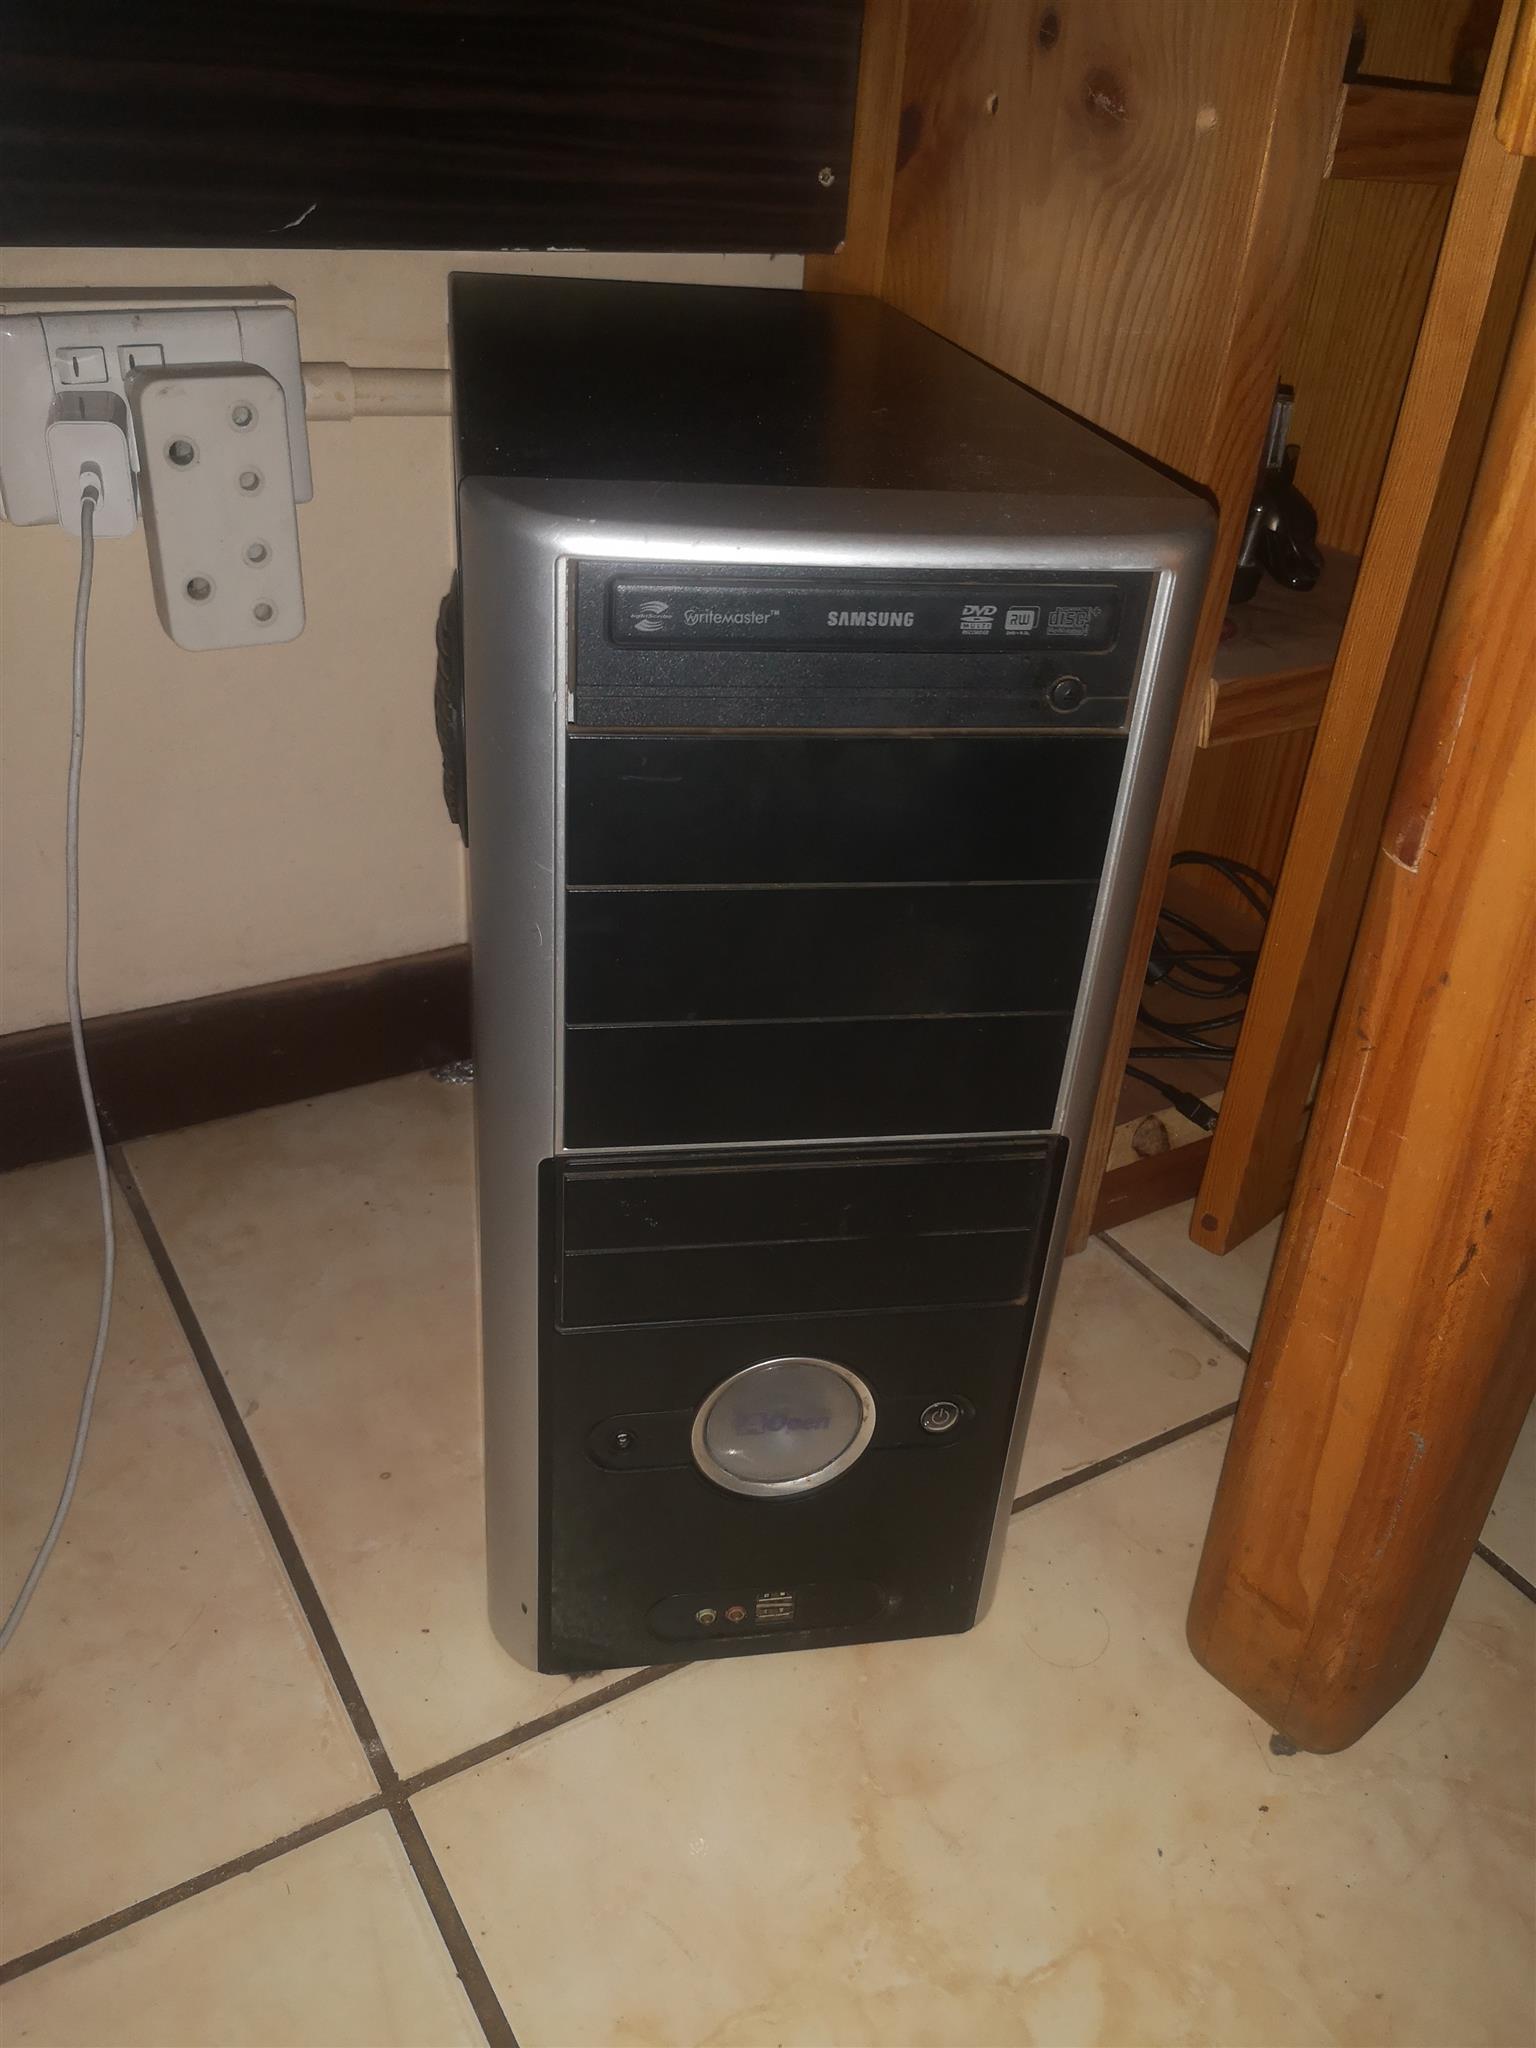 Complete computer box